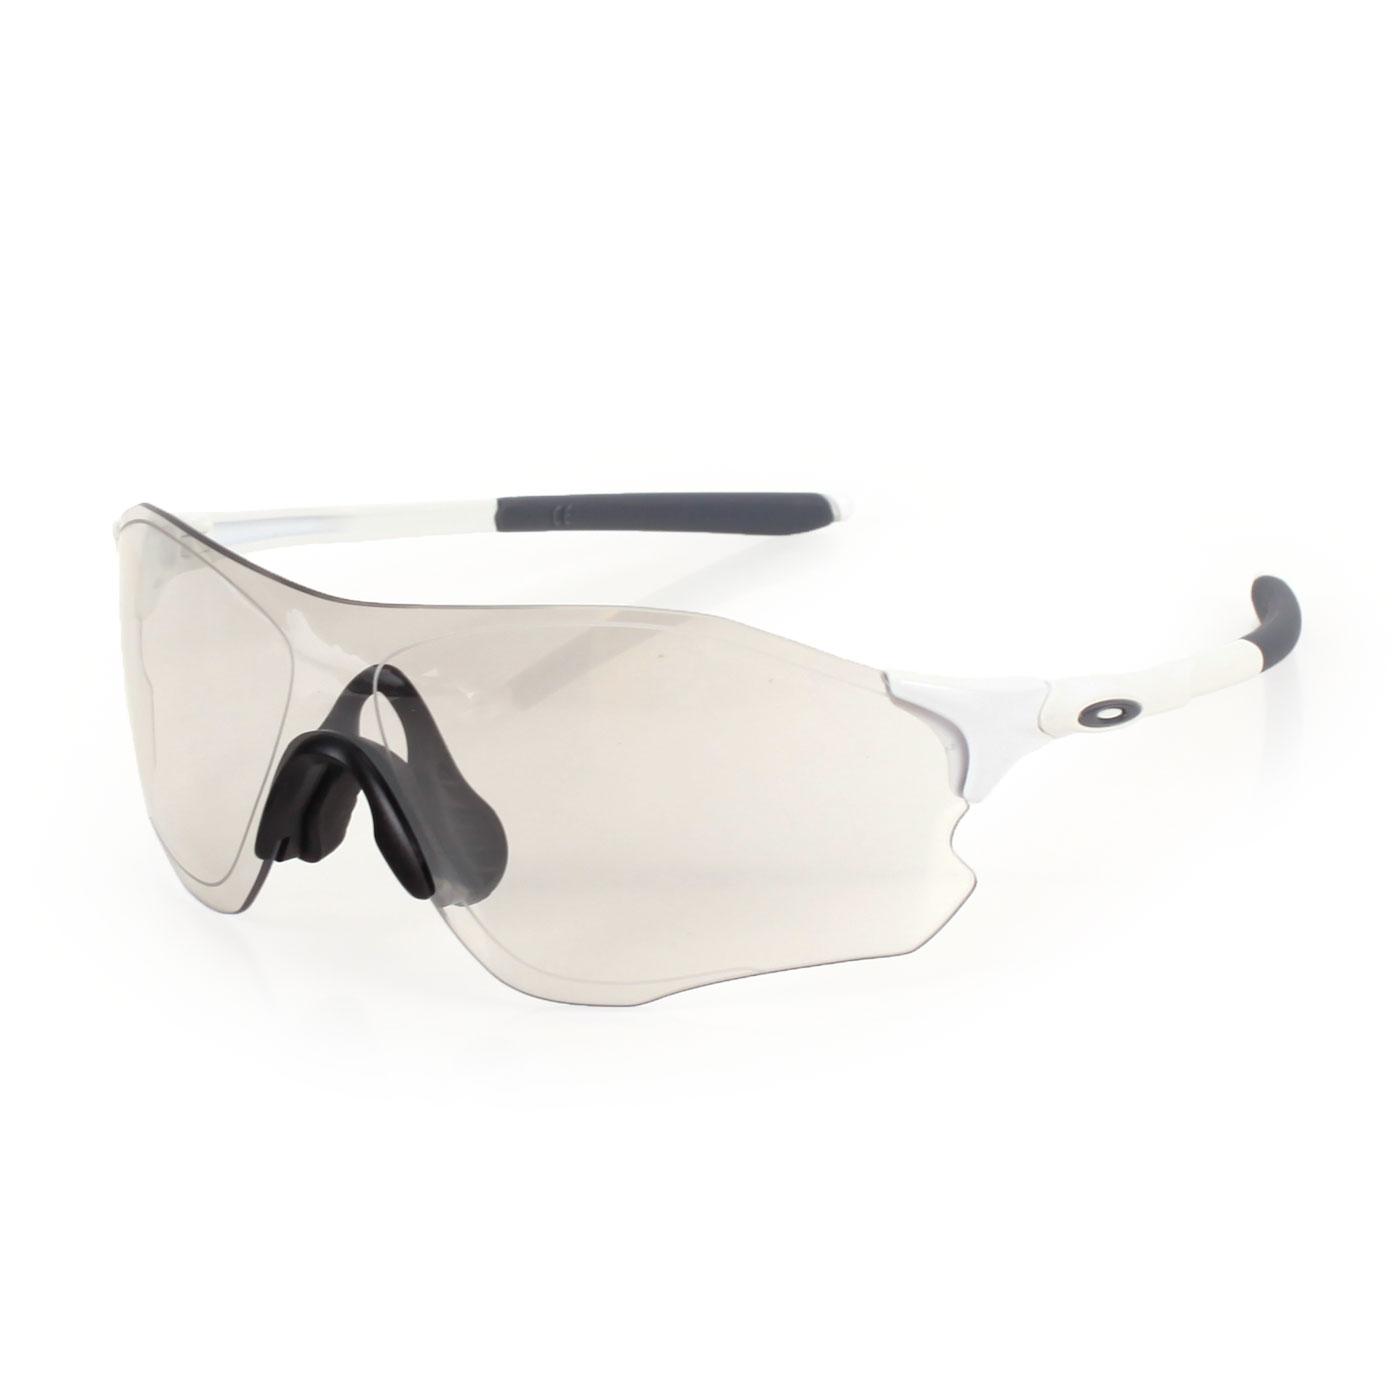 OAKLEY (A) EVZERO PATH CLR BLK PHT 太陽眼鏡(附硬盒鼻墊) OAK-OO9313-06 - 透明灰